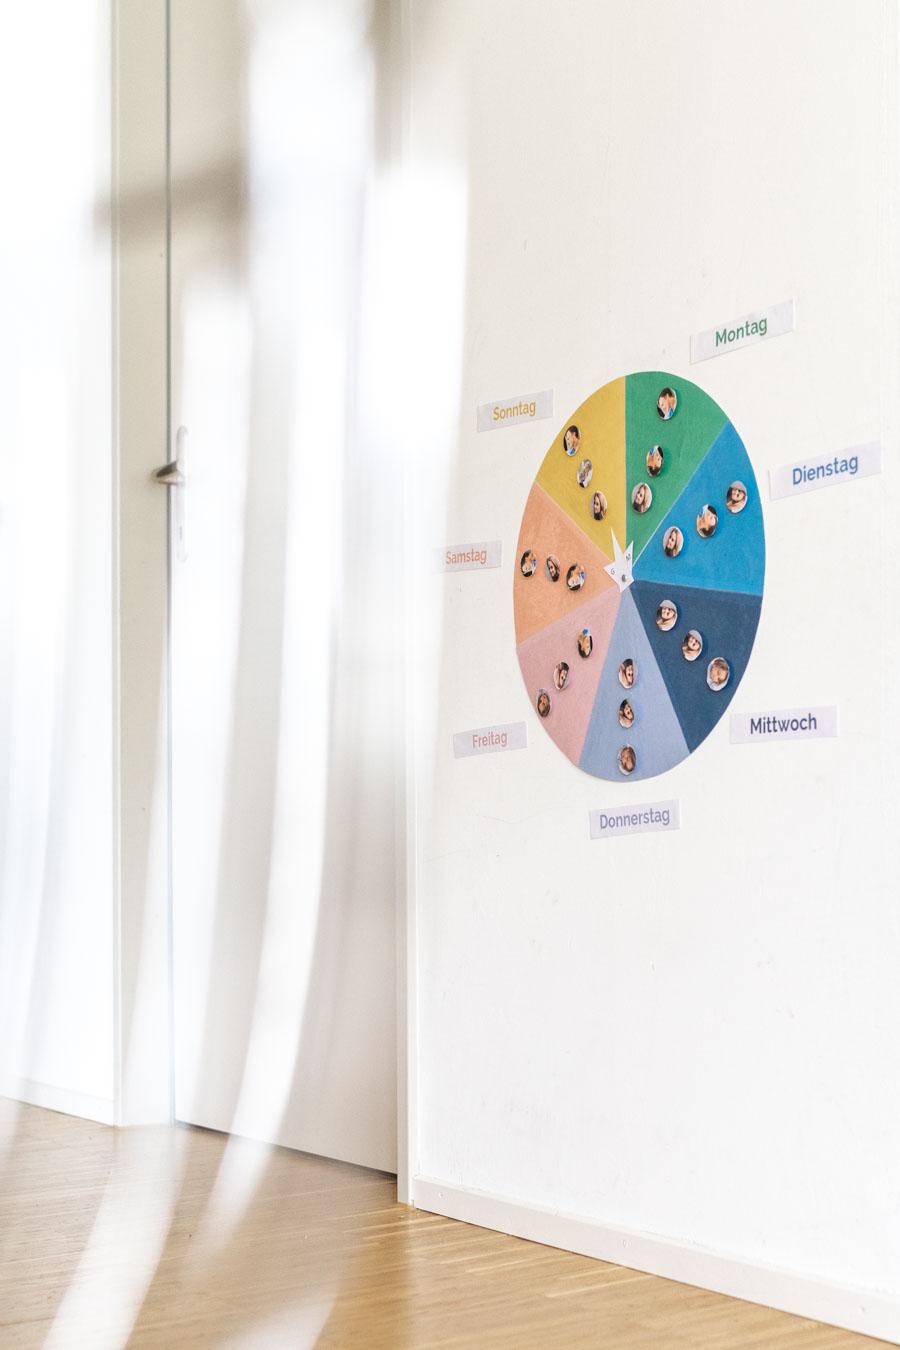 Bunter Wochenplan für Kleinkinder hängt in einer Wohnung an der Wand